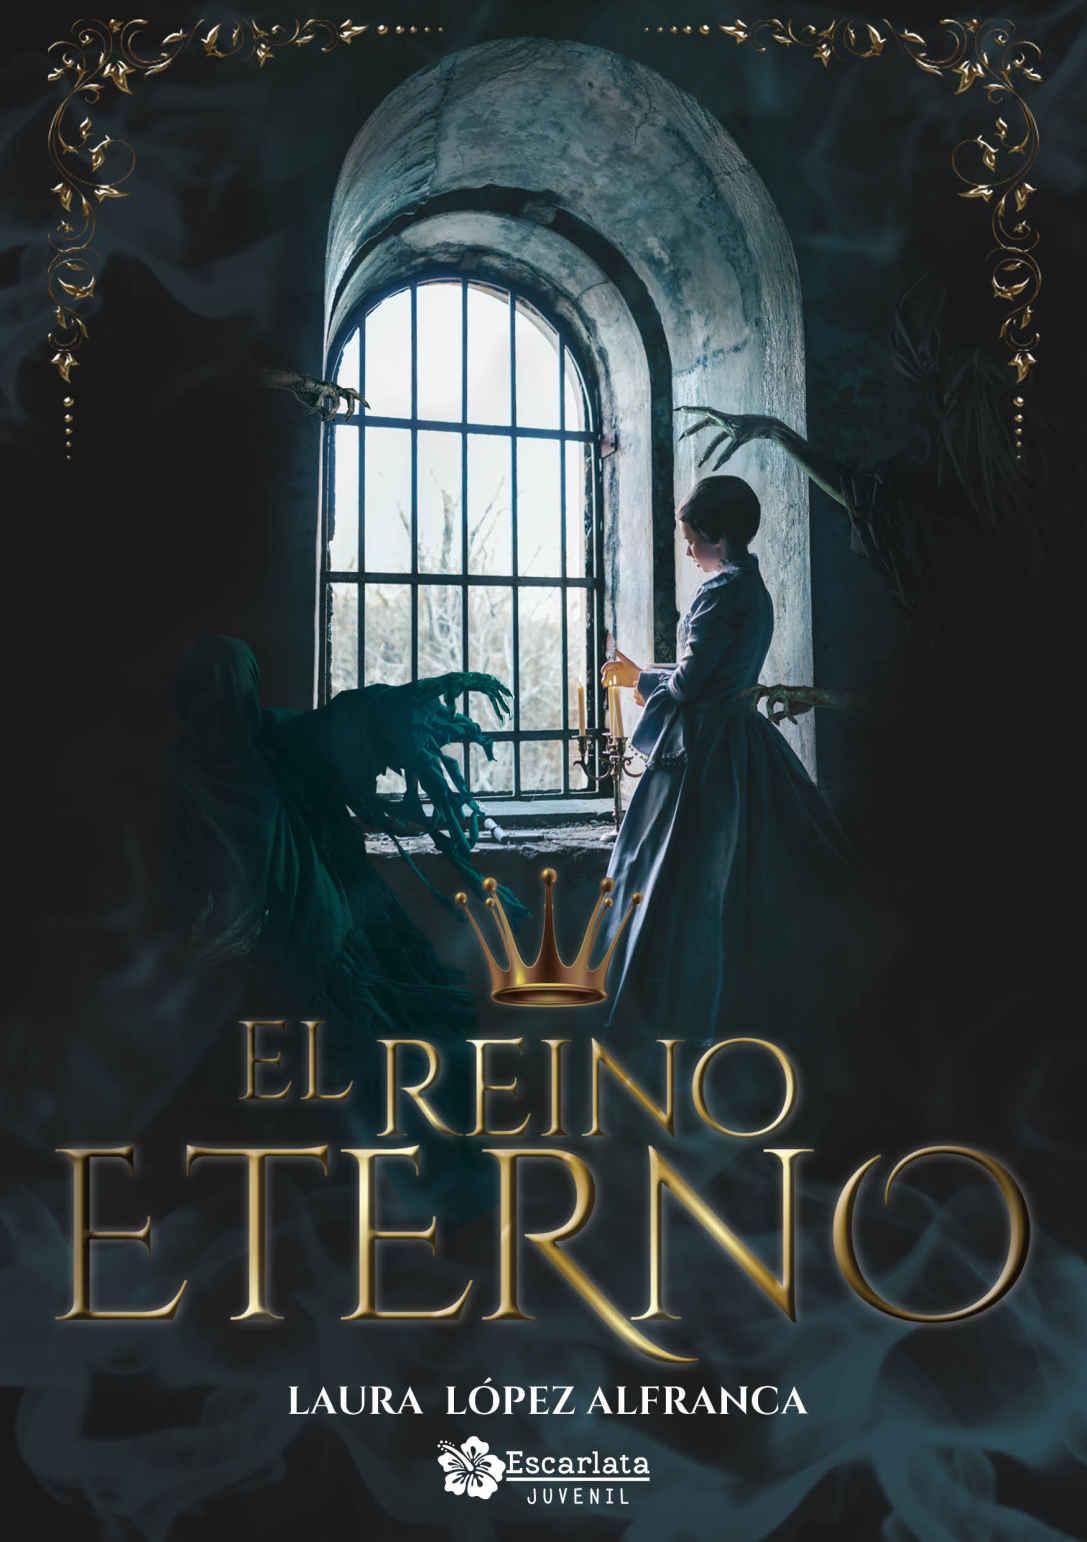 Reseña: El reino eterno - Laura López Alfranca